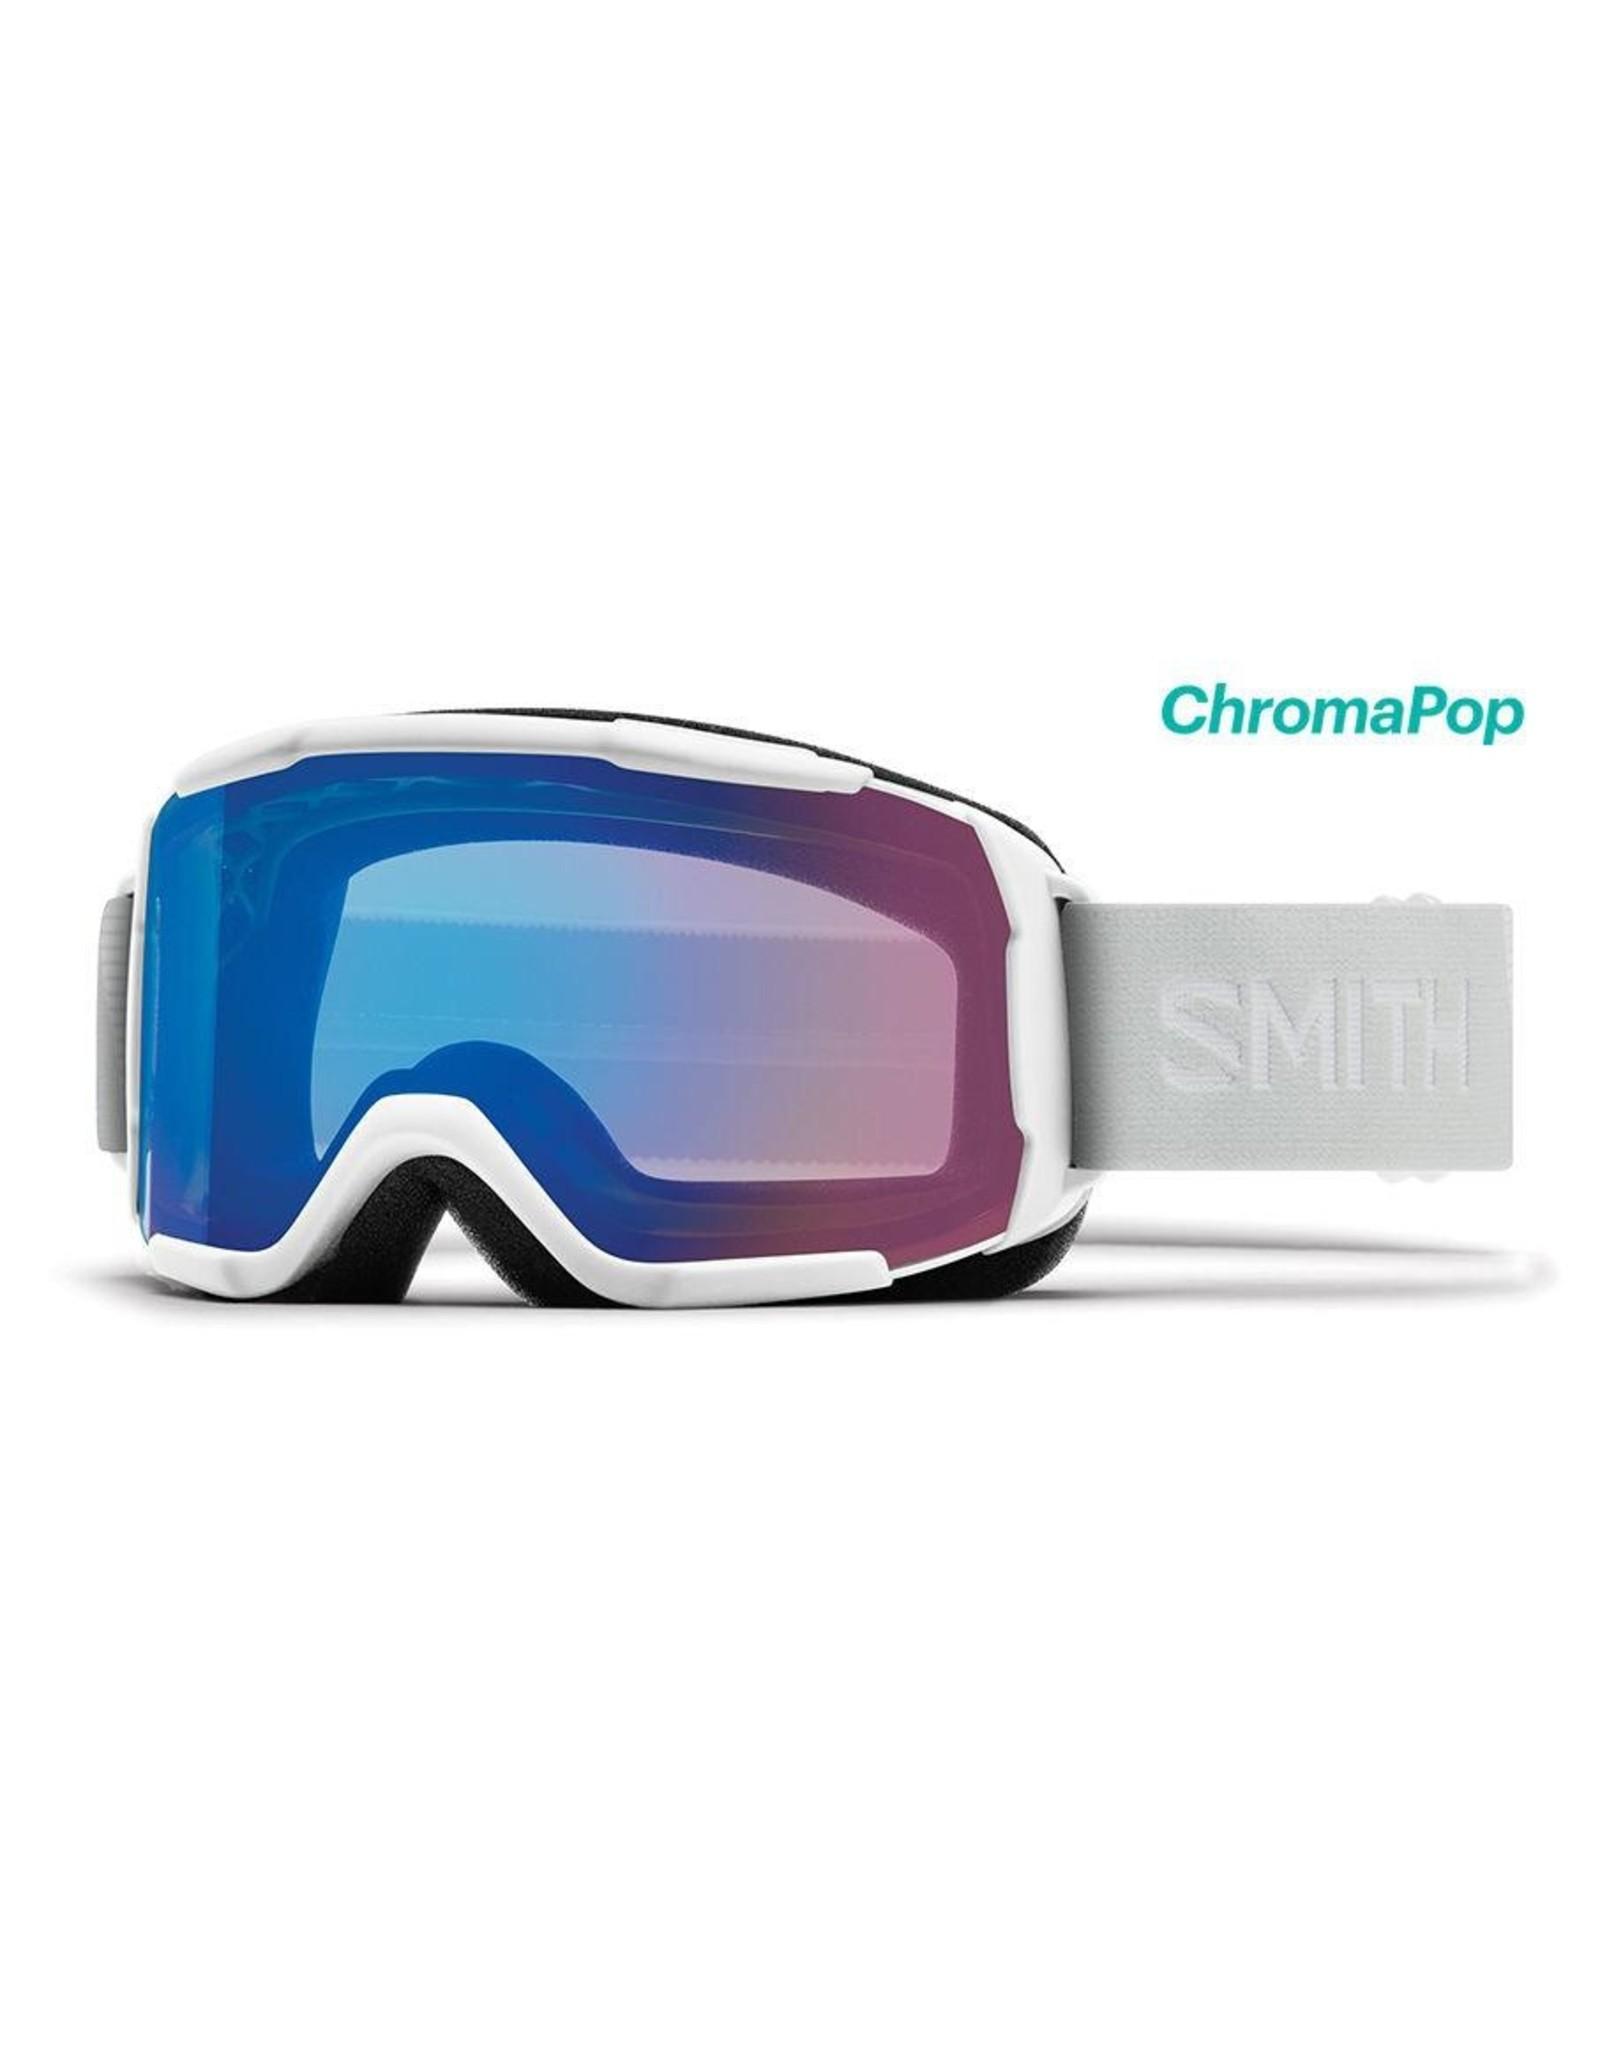 Smith Smith - Showcase OTG - White Vapor - ChromaPop Storm Rose Flash